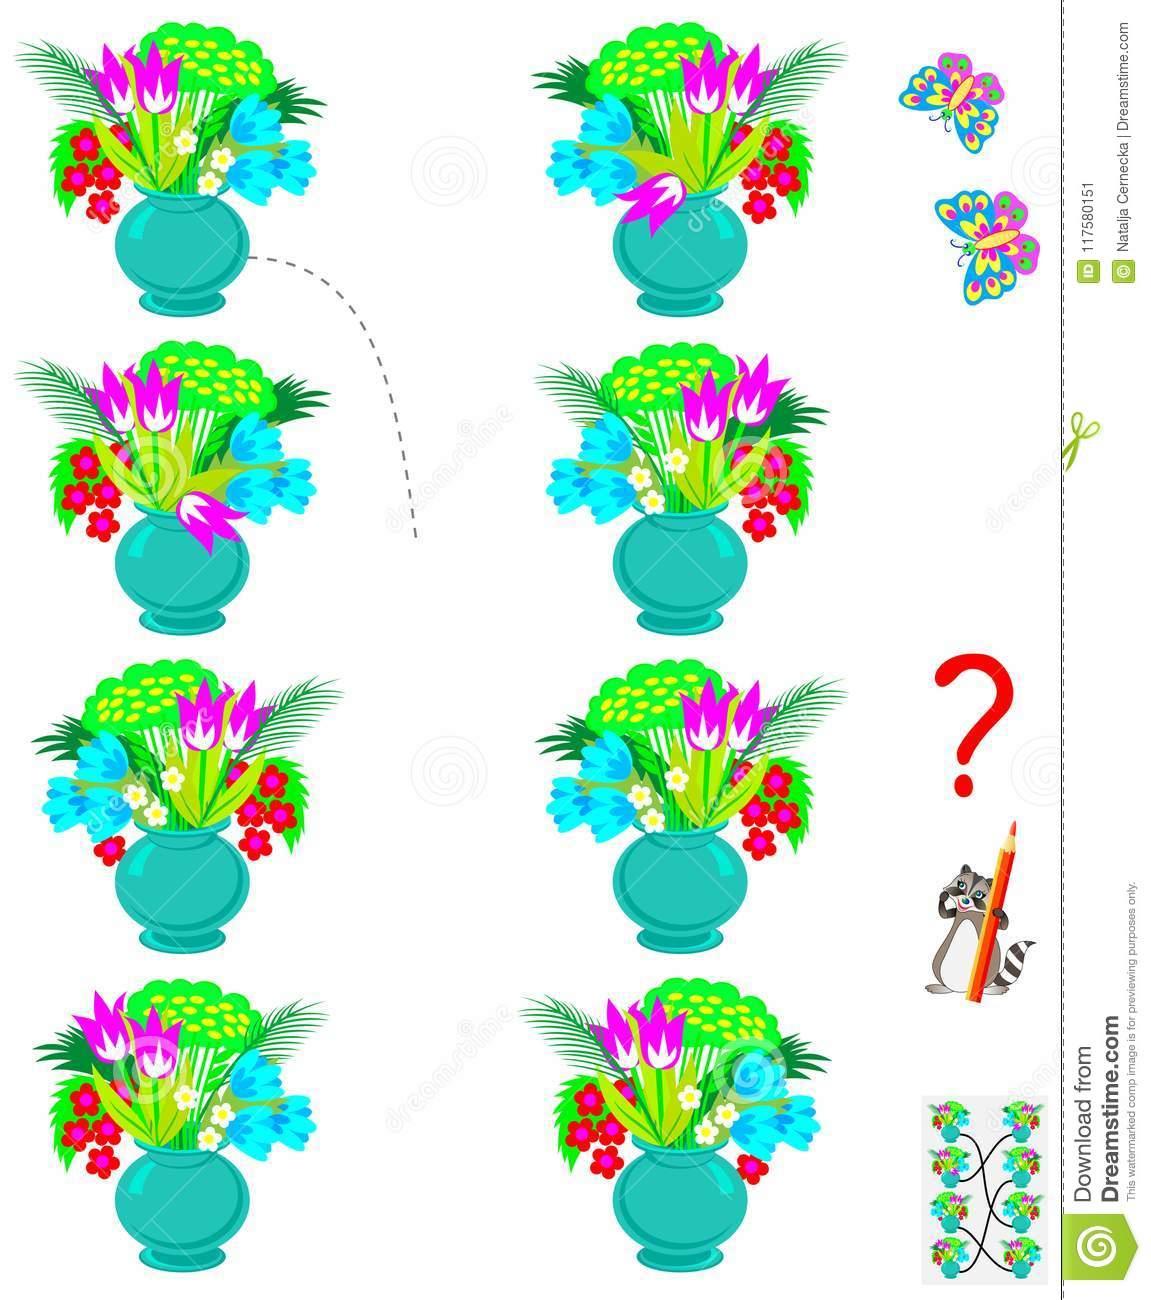 Jeu De Puzzle De Logique Pour Des Enfants Et Des Adultes concernant Puzzle Enfant En Ligne